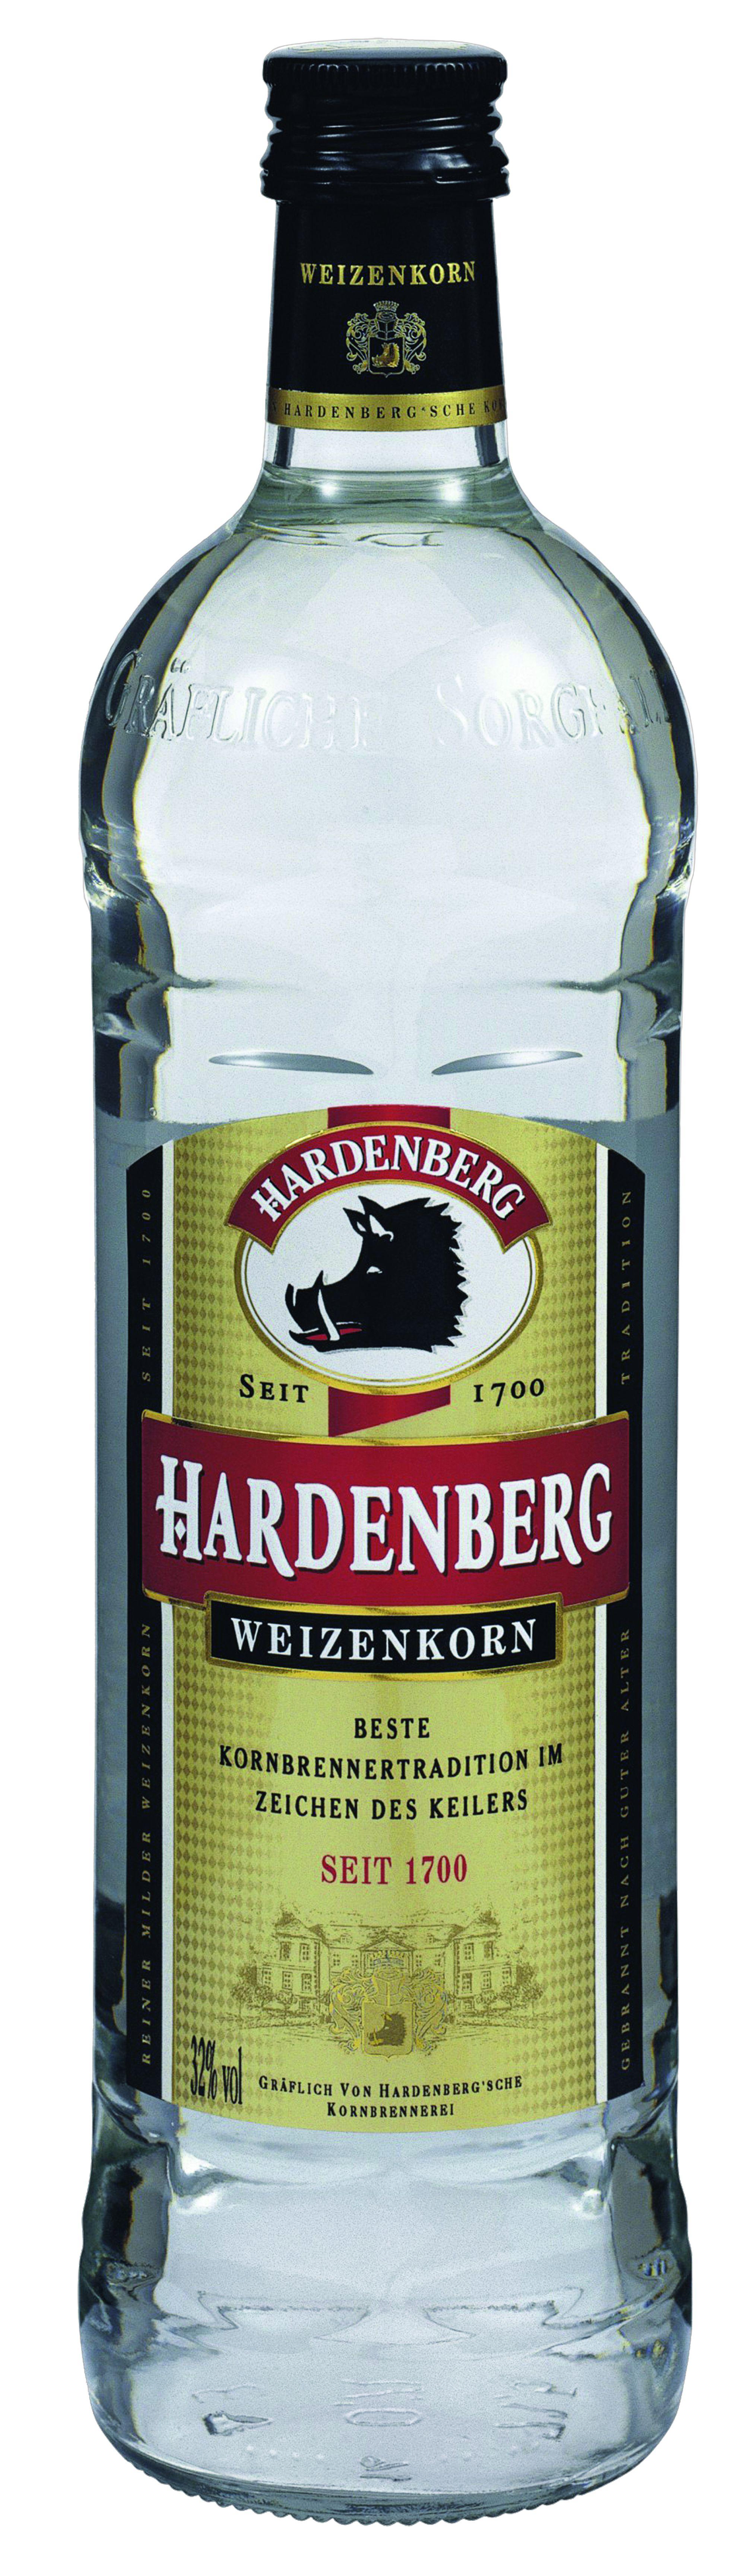 Hardenberg Weizenkorn